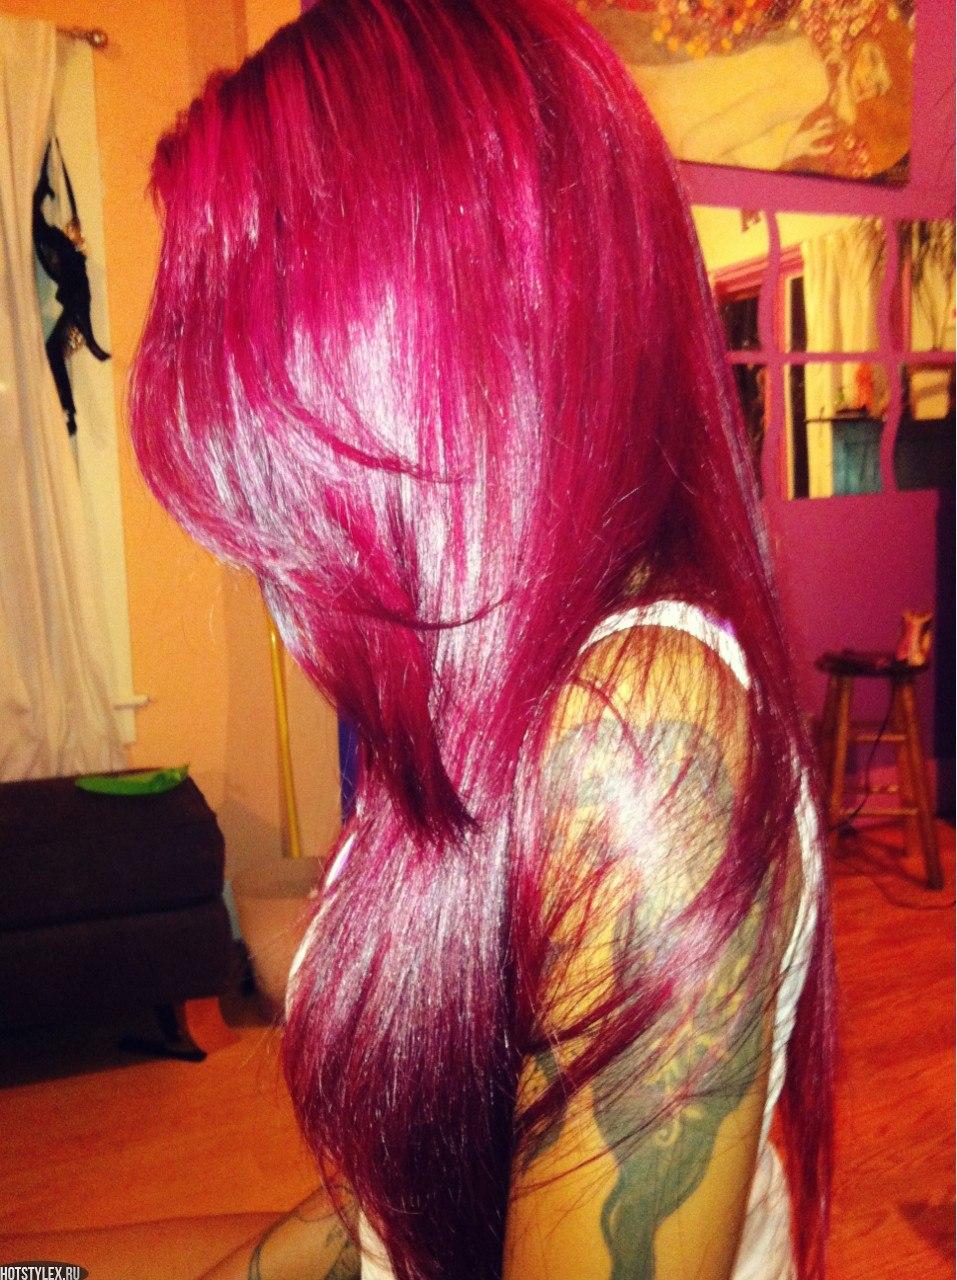 Девушка с красными волосами со спины на аву в контакт